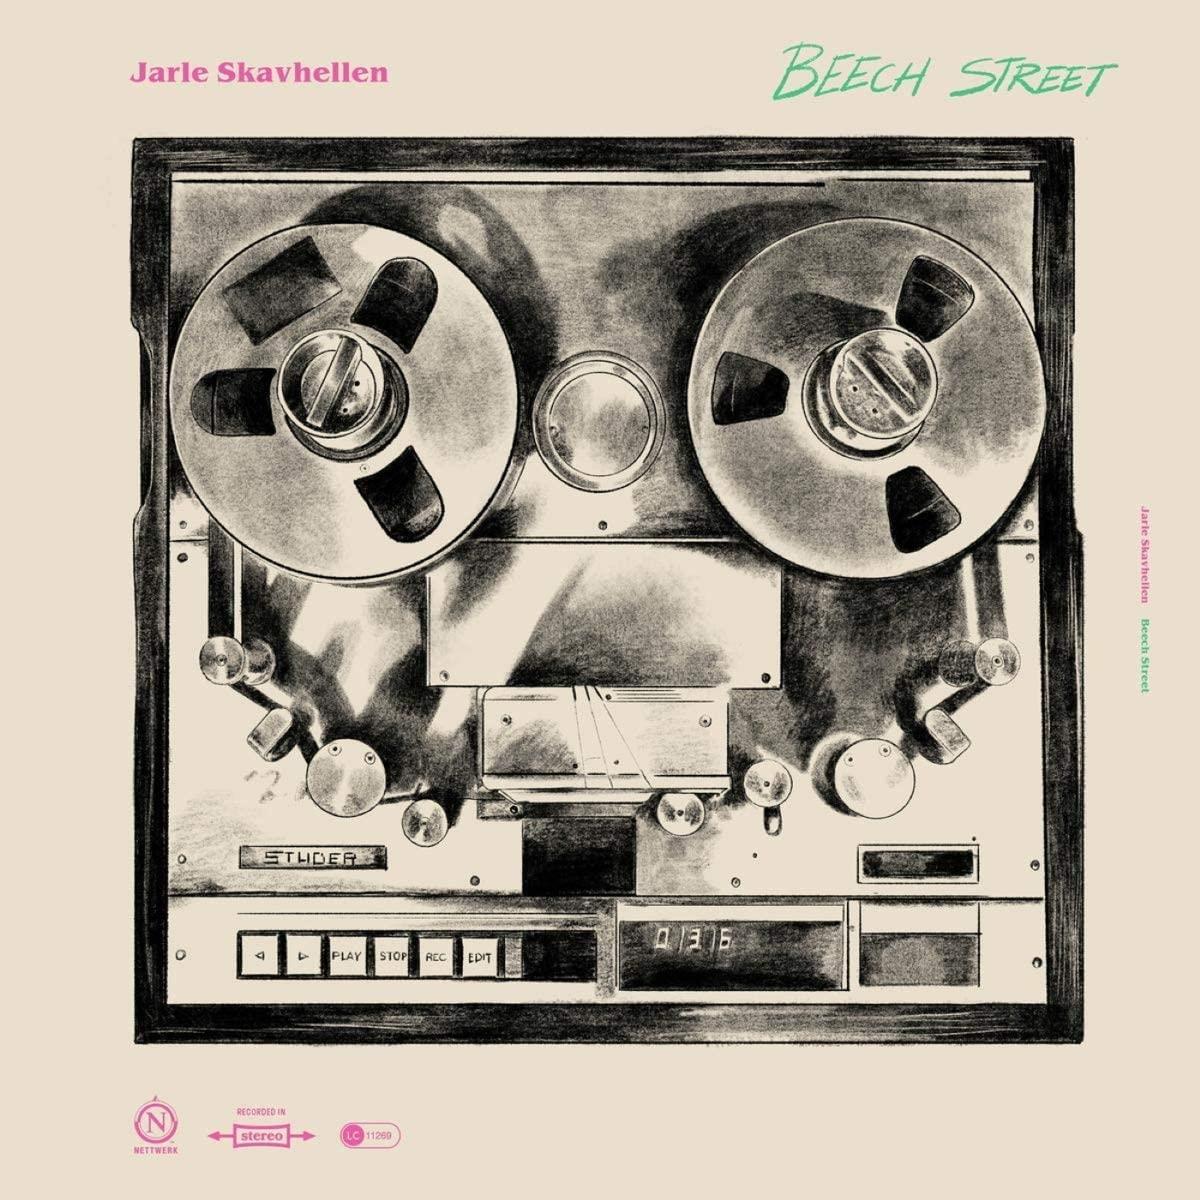 Jarle Skavhellen - Beech Street [LP]